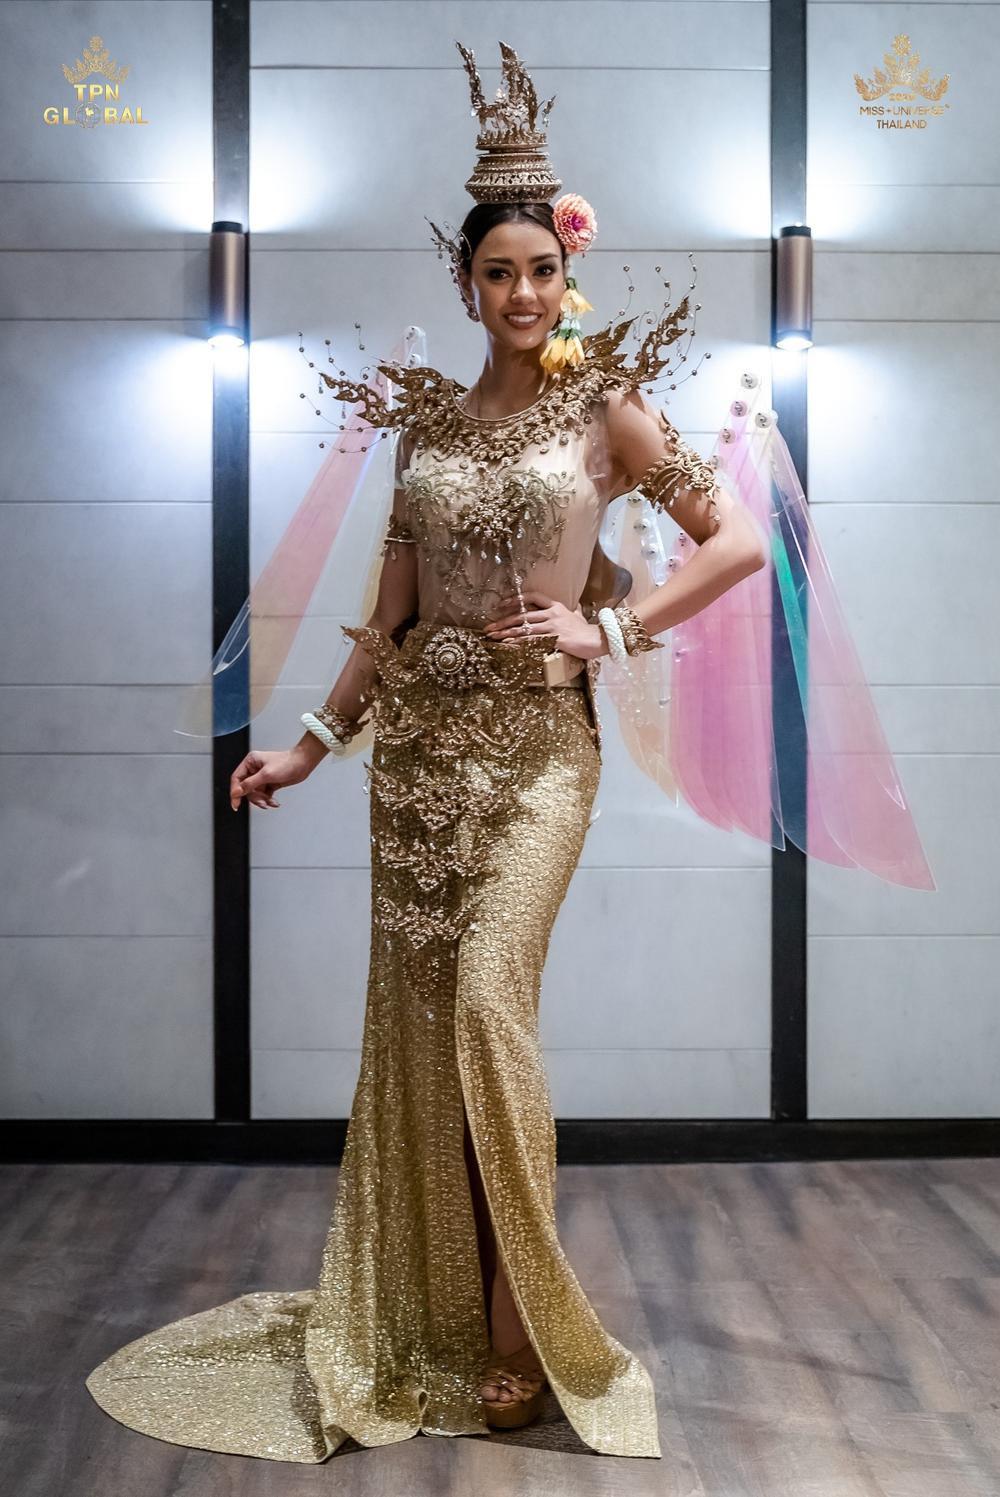 Hoa hậu Hoàn vũ Thái Lan gây tranh cãi khi mang trang phục dân tộc bầu ngực trần tới Miss Universe 2020 Ảnh 9